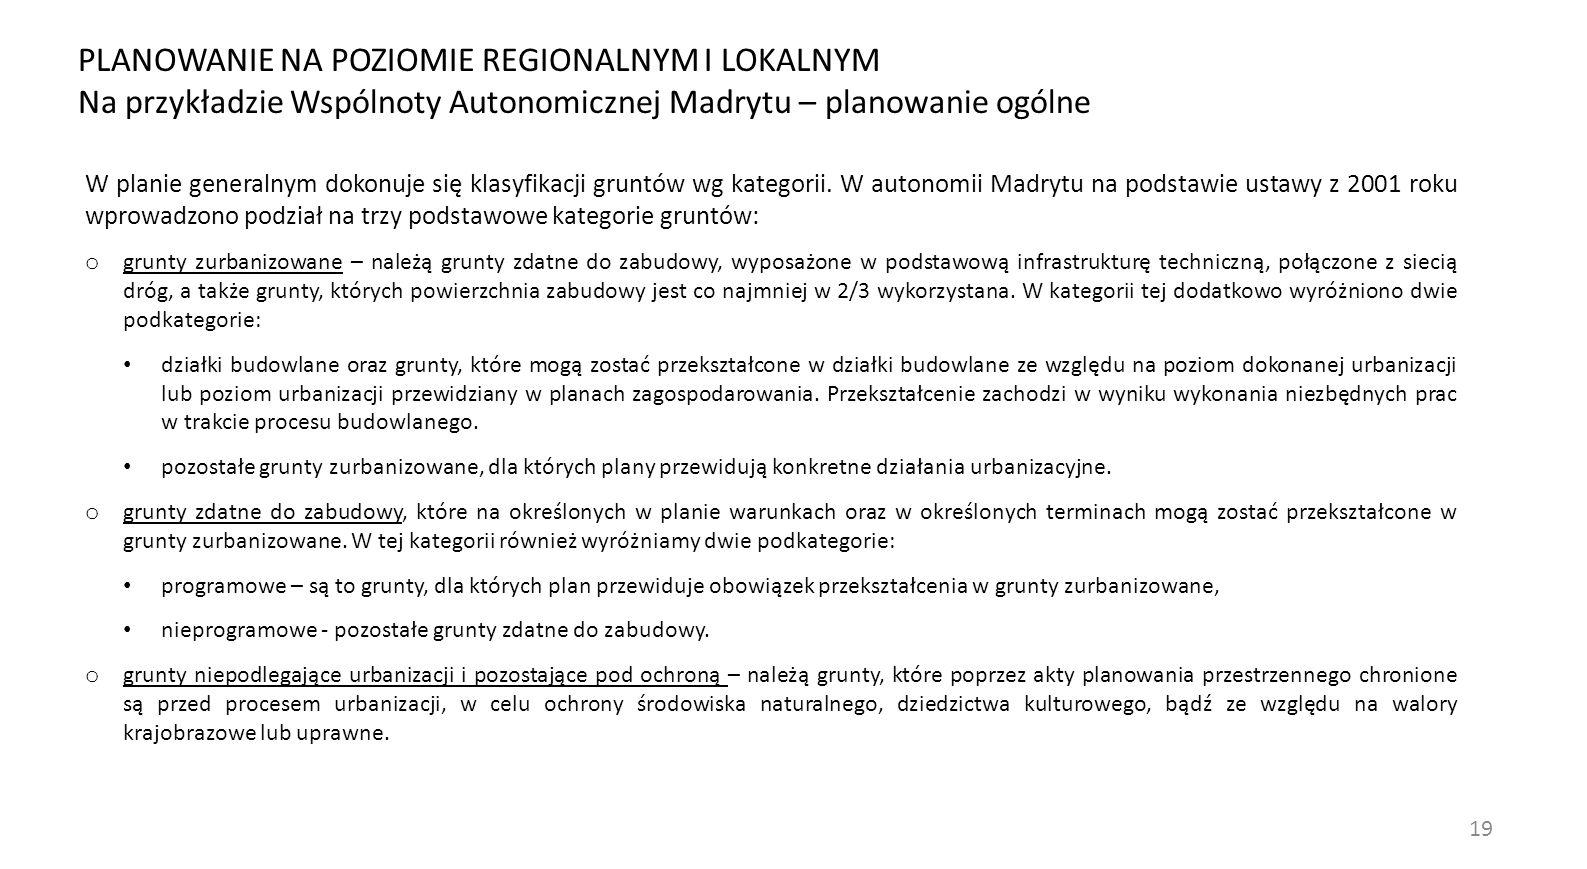 19 PLANOWANIE NA POZIOMIE REGIONALNYM I LOKALNYM Na przykładzie Wspólnoty Autonomicznej Madrytu – planowanie ogólne W planie generalnym dokonuje się klasyfikacji gruntów wg kategorii.